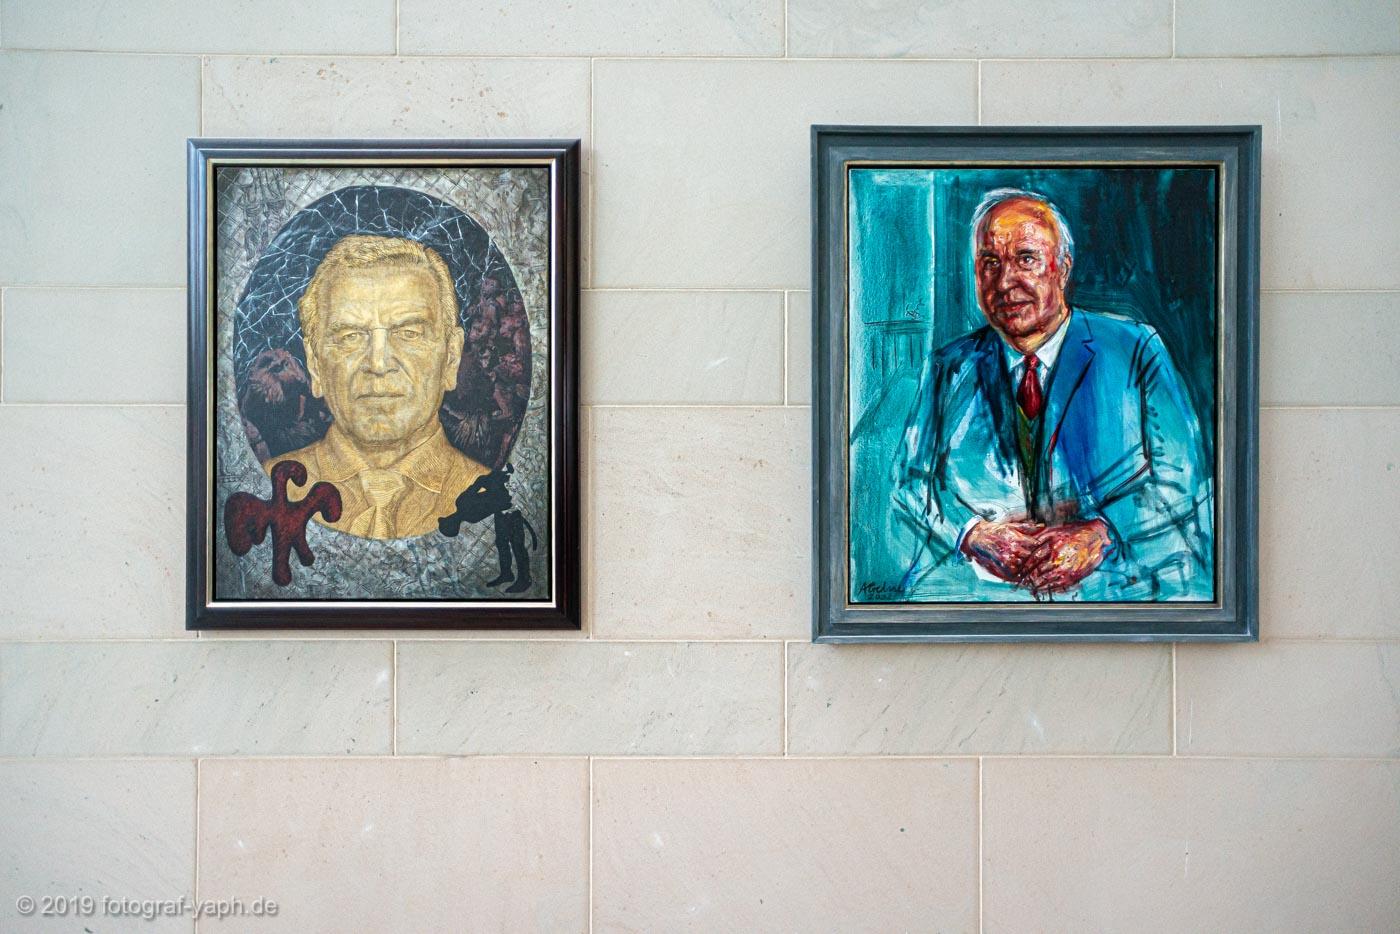 Porträt von Gerhard Schröder des Malers Immendorf und Porträt von Helmut Kohl